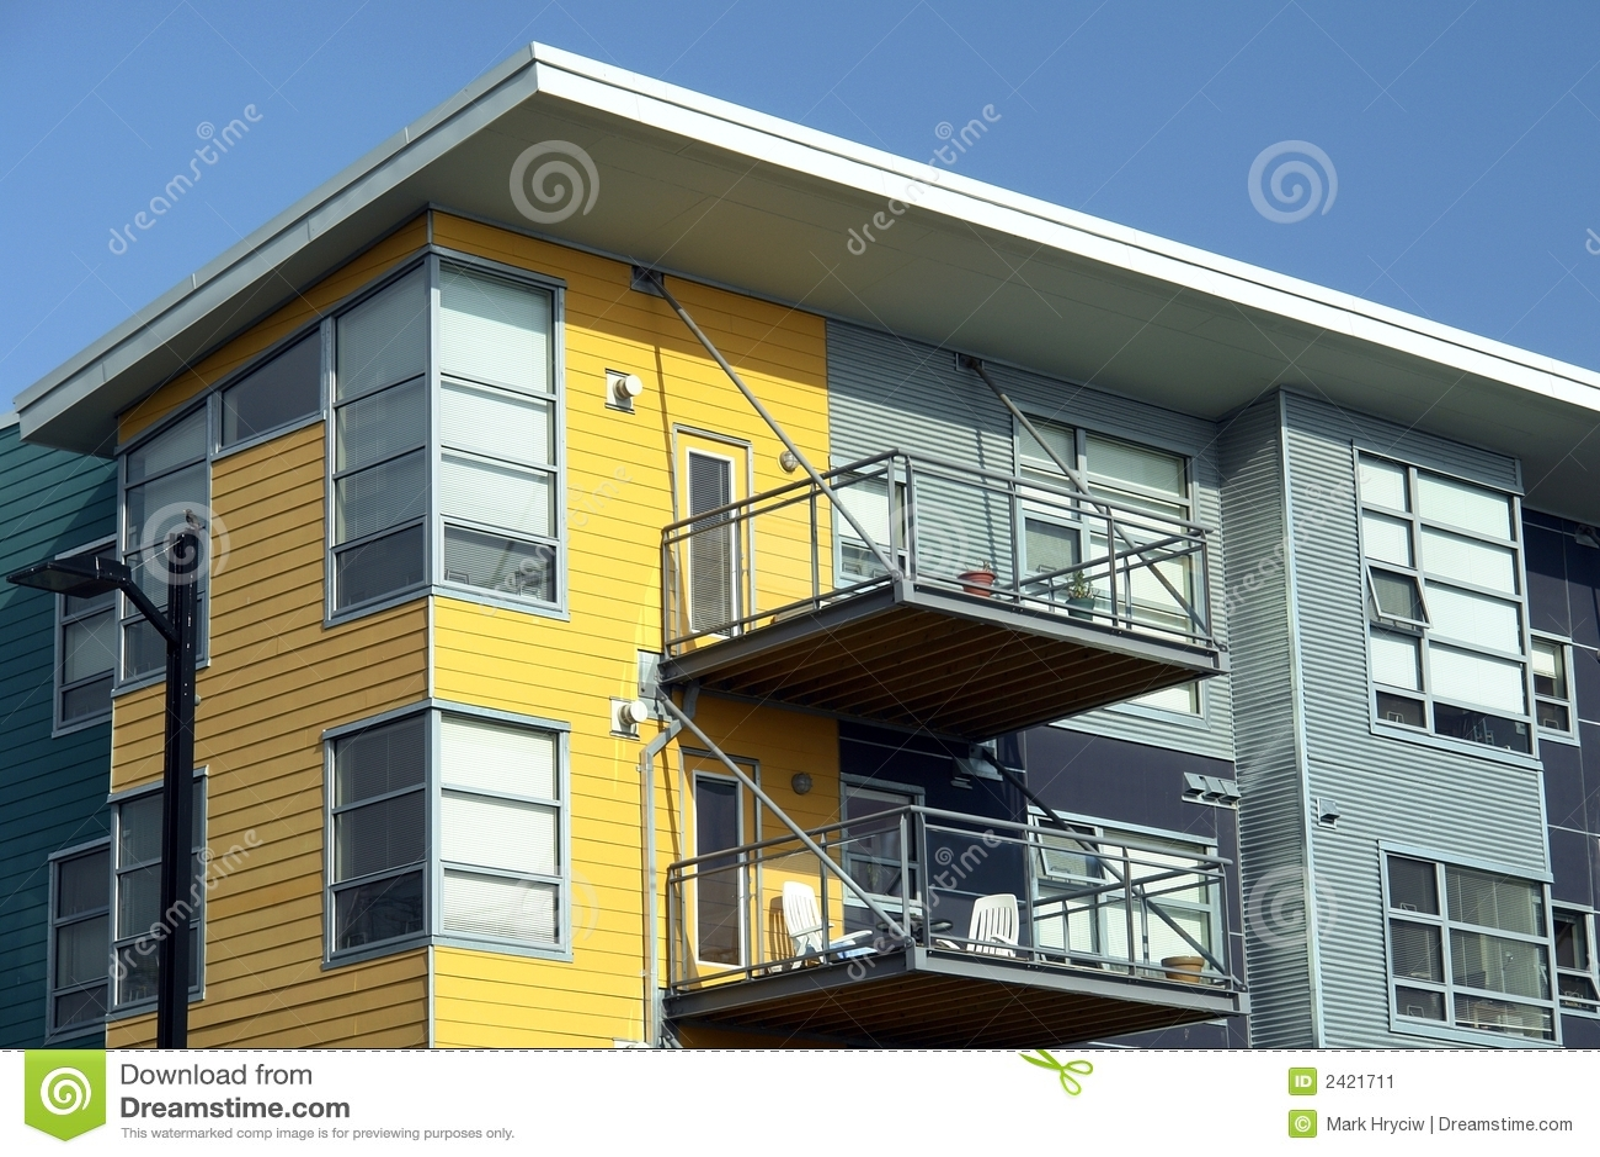 Appartamenti moderni immagine stock immagine 2421711 for Appartamenti moderni immagini